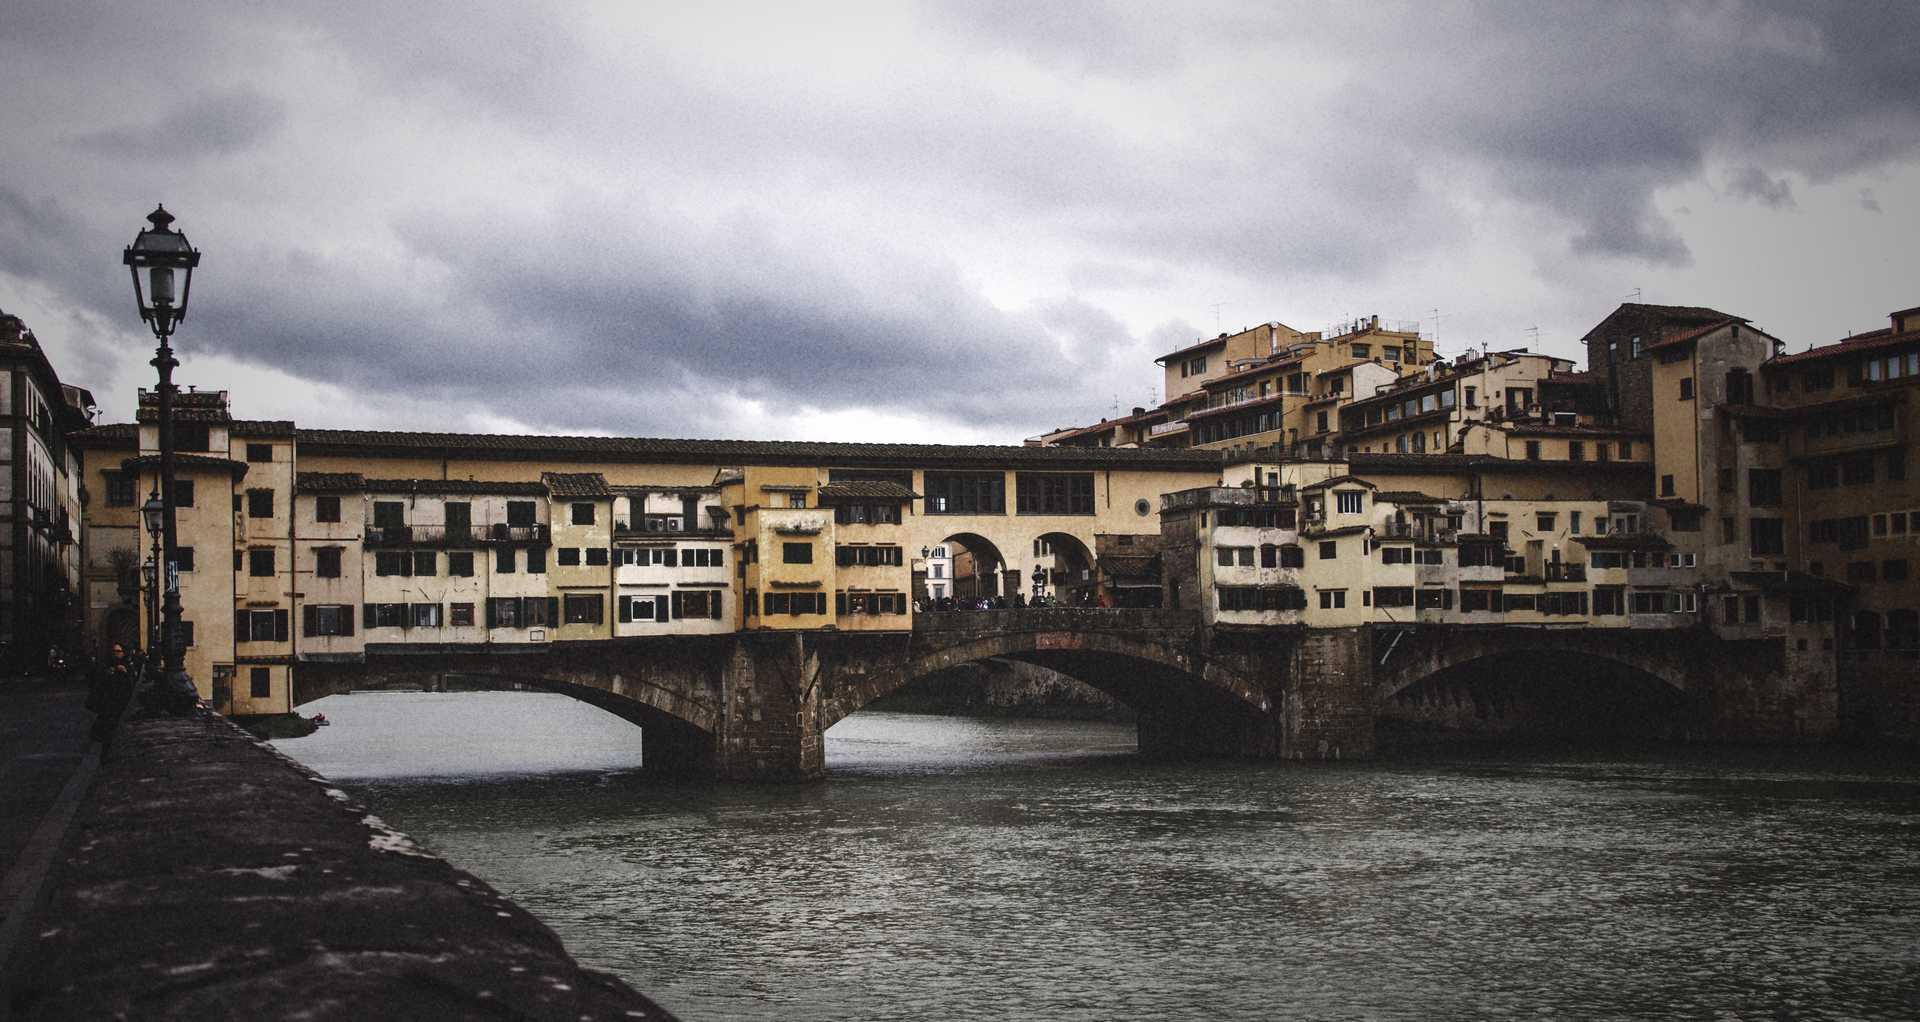 Michele Settembre - Fotografia in Firenze - Ponte Vecchio in un giorno di pioggia